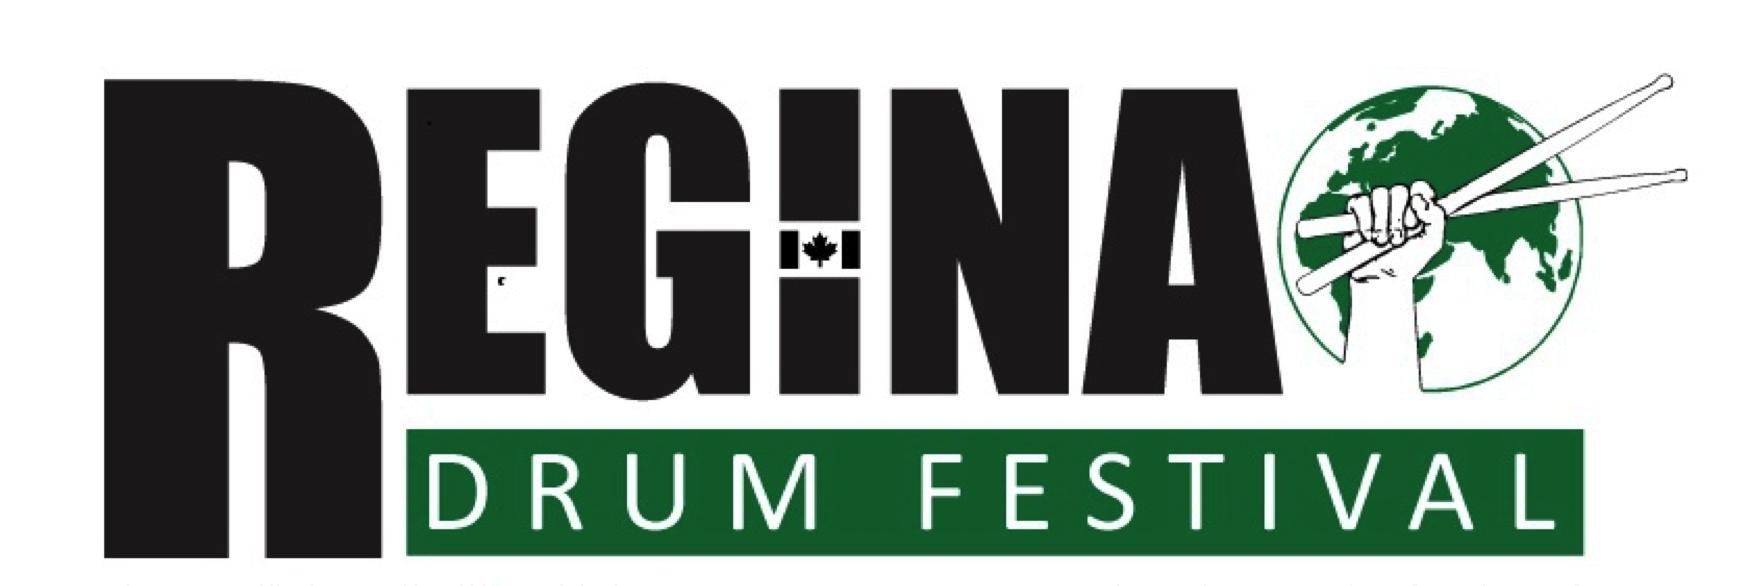 2013 Regina Drum Festival